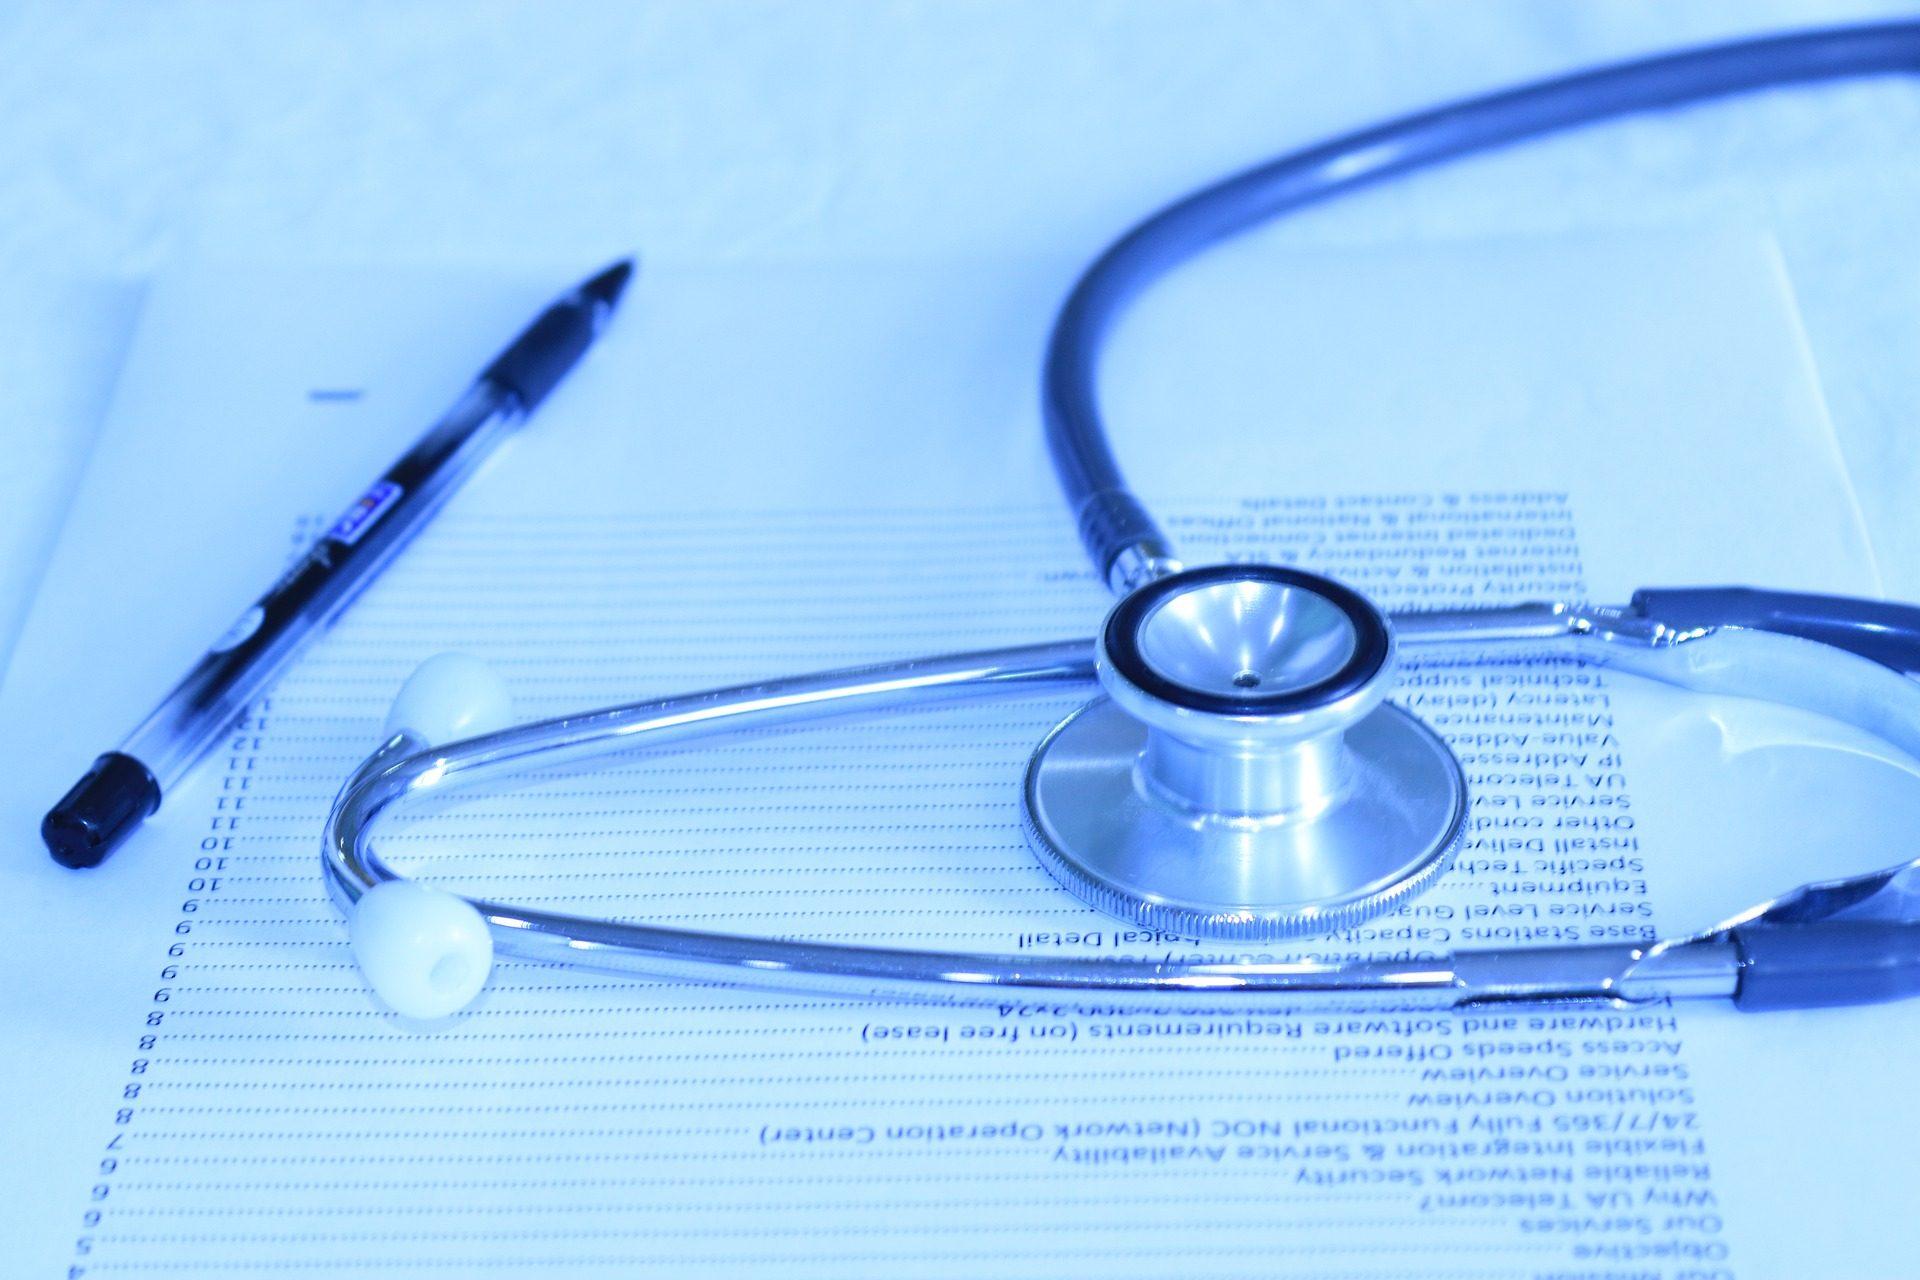 Trattamento di dati sulla salute per finalità di cura: serve il consenso?